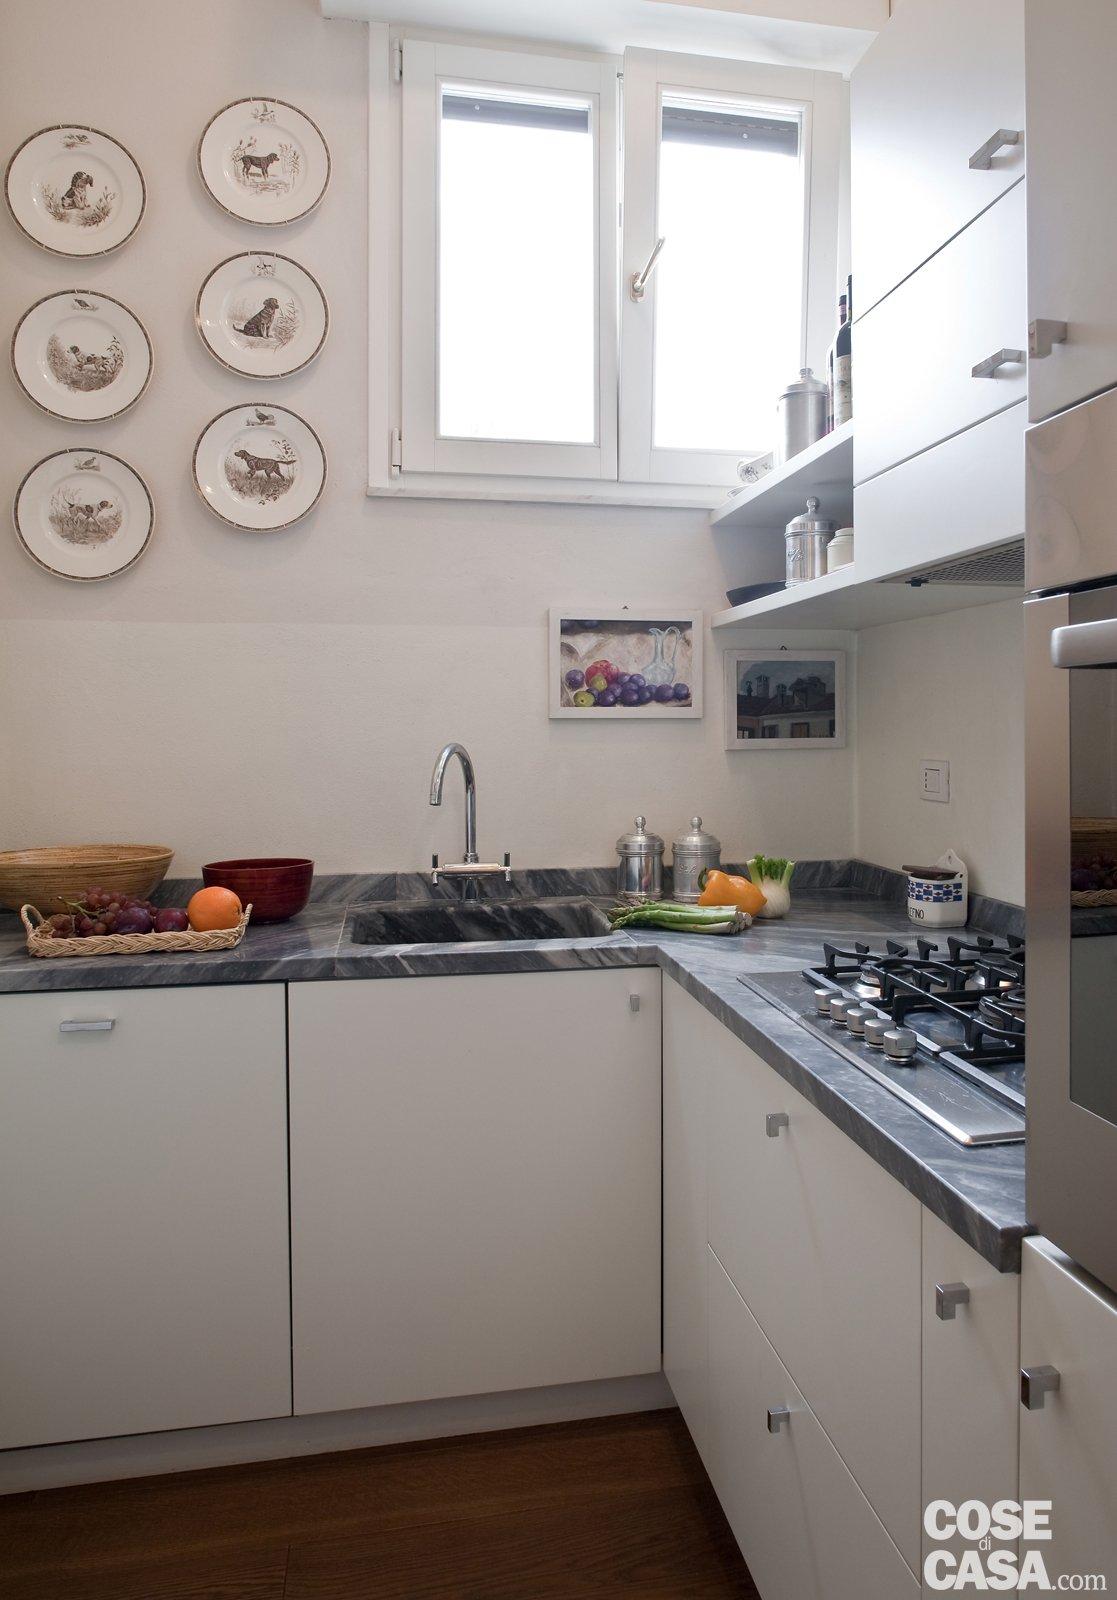 Pensili cucina kit: pensili scolapiatti per cucina in kit di ...